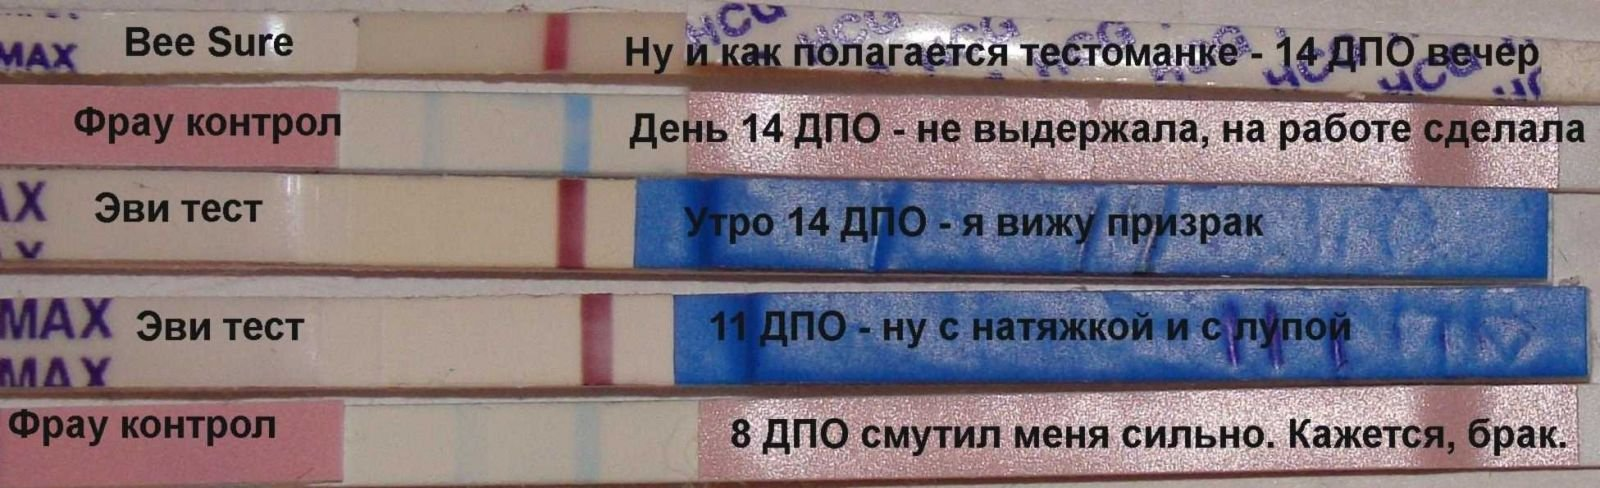 Формы и виды дополнительного образования. дополнительное профессиональное образование :: businessman.ru